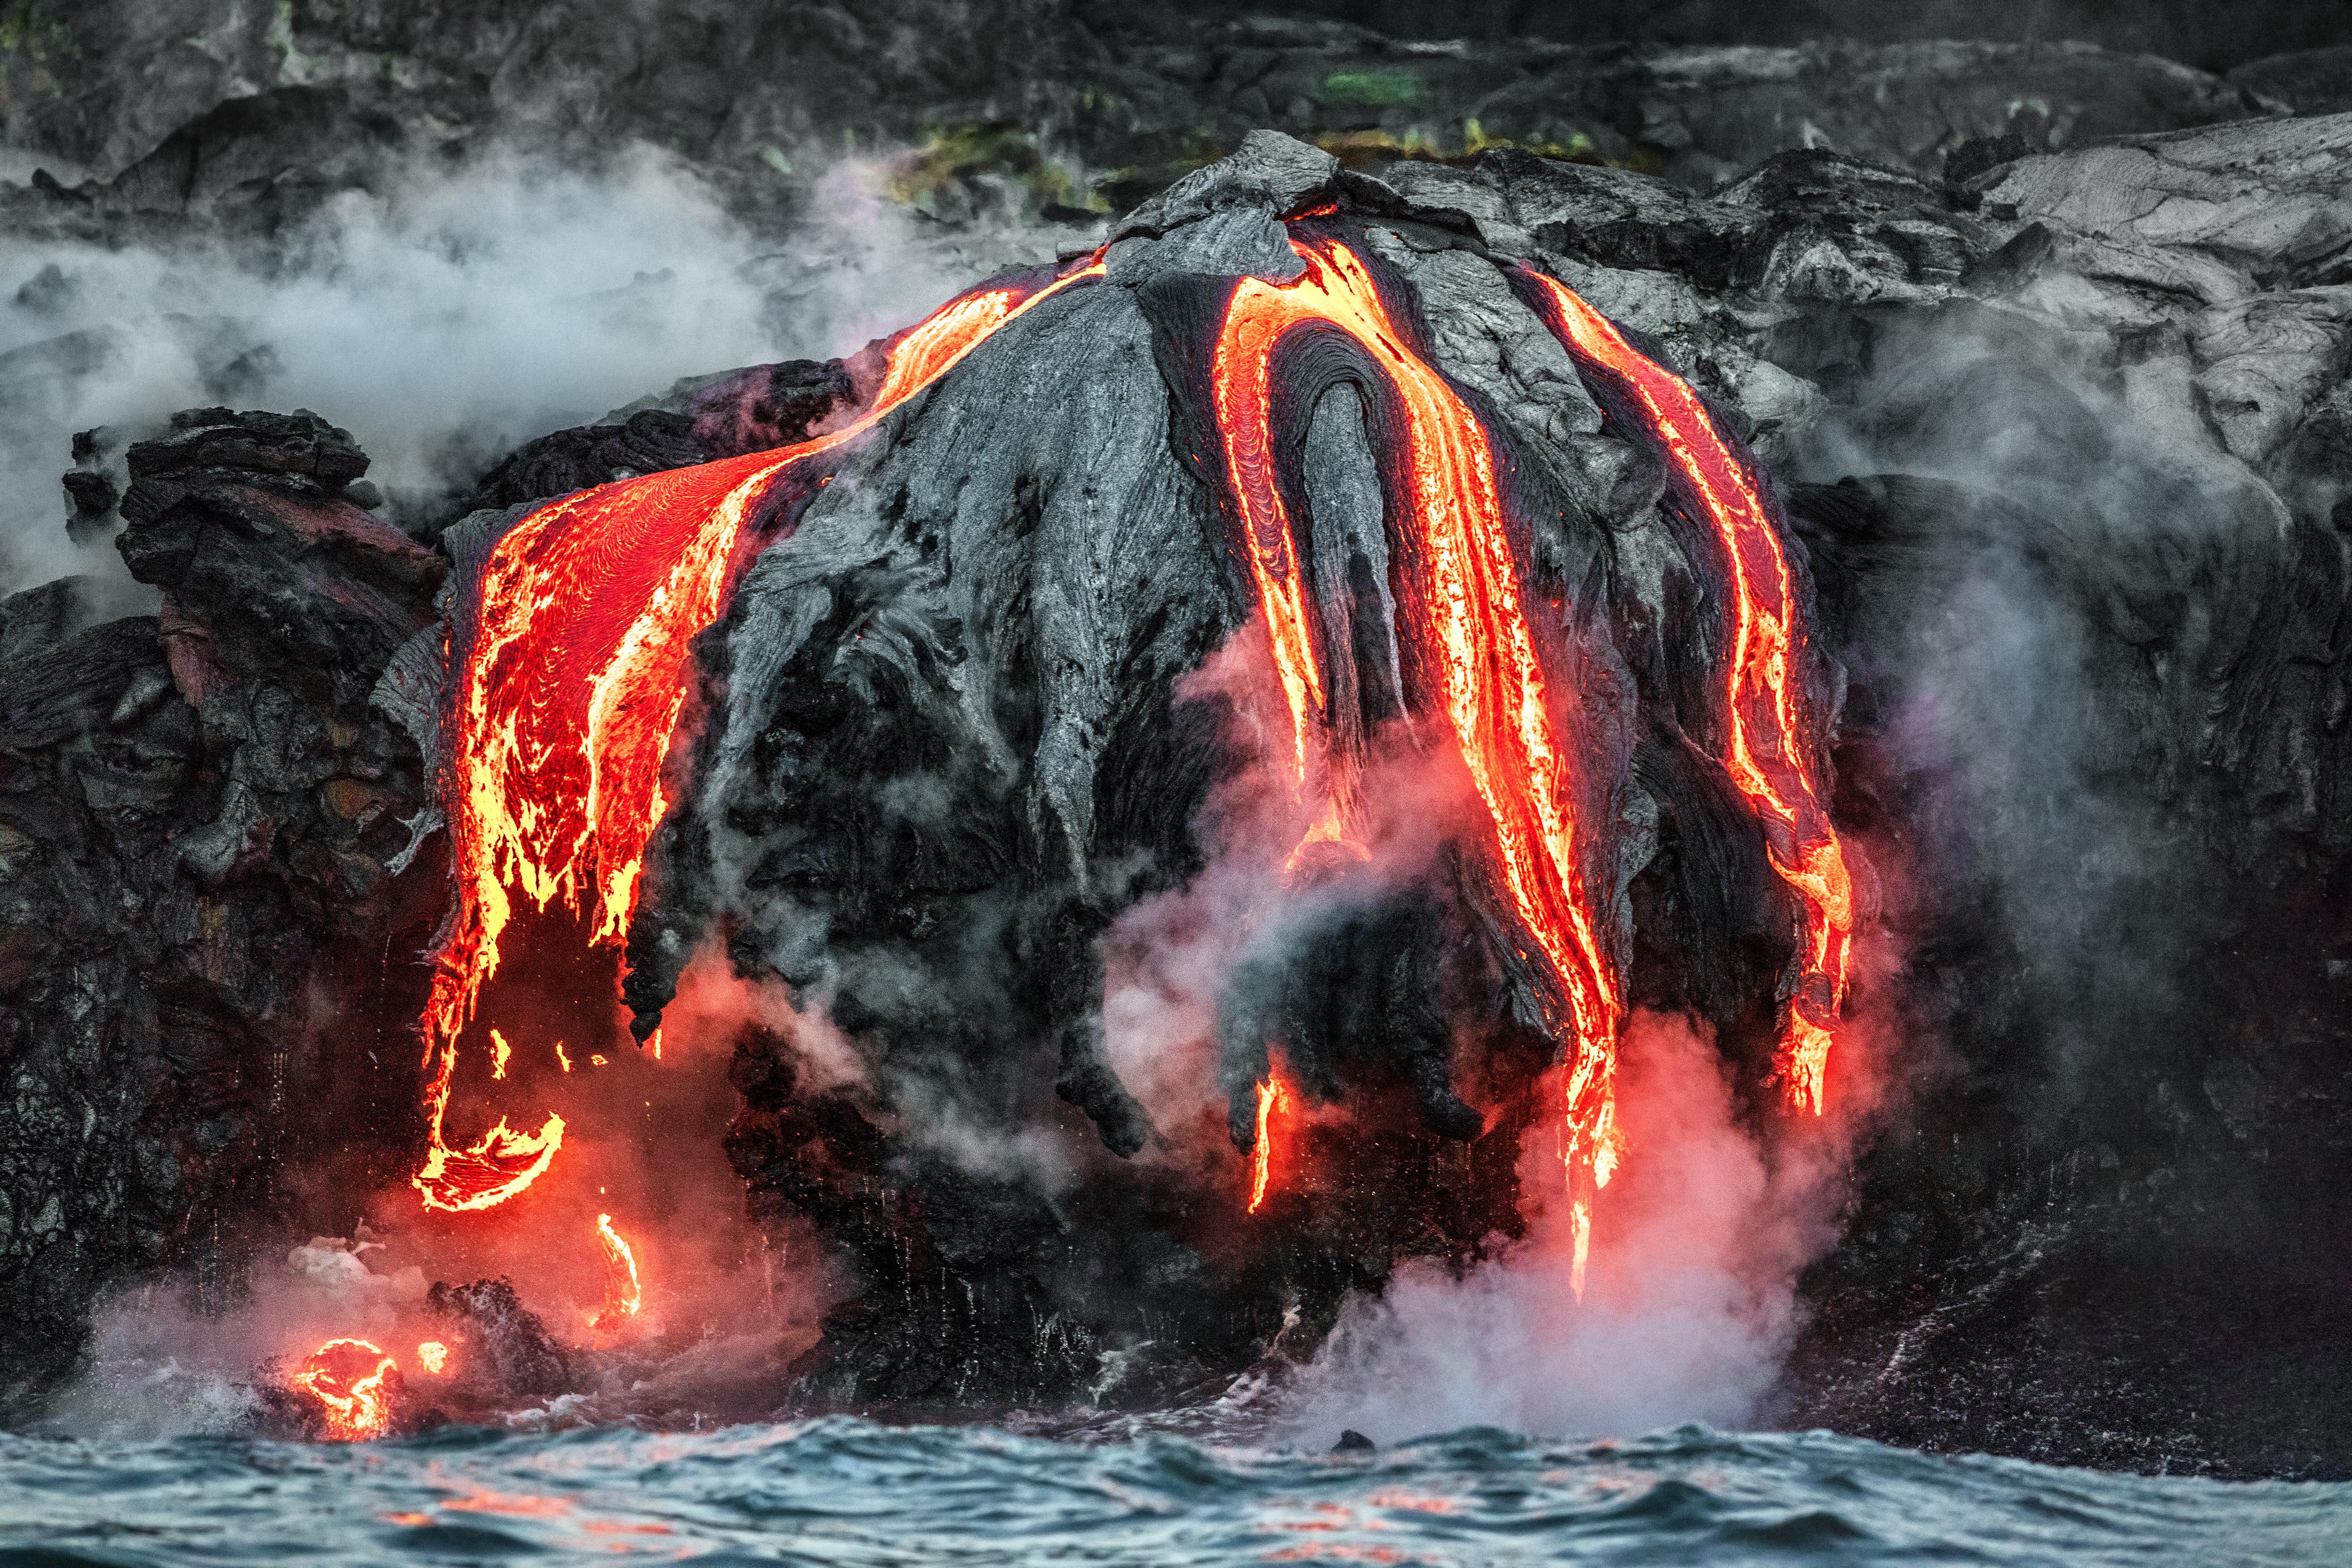 El volcán Kīlauea en Hawai es el más activo del mundo. El volcán ha estado en erupción casi constantemente desde caños desde 1983, por lo que es una de las erupciones más longevas que se conocen